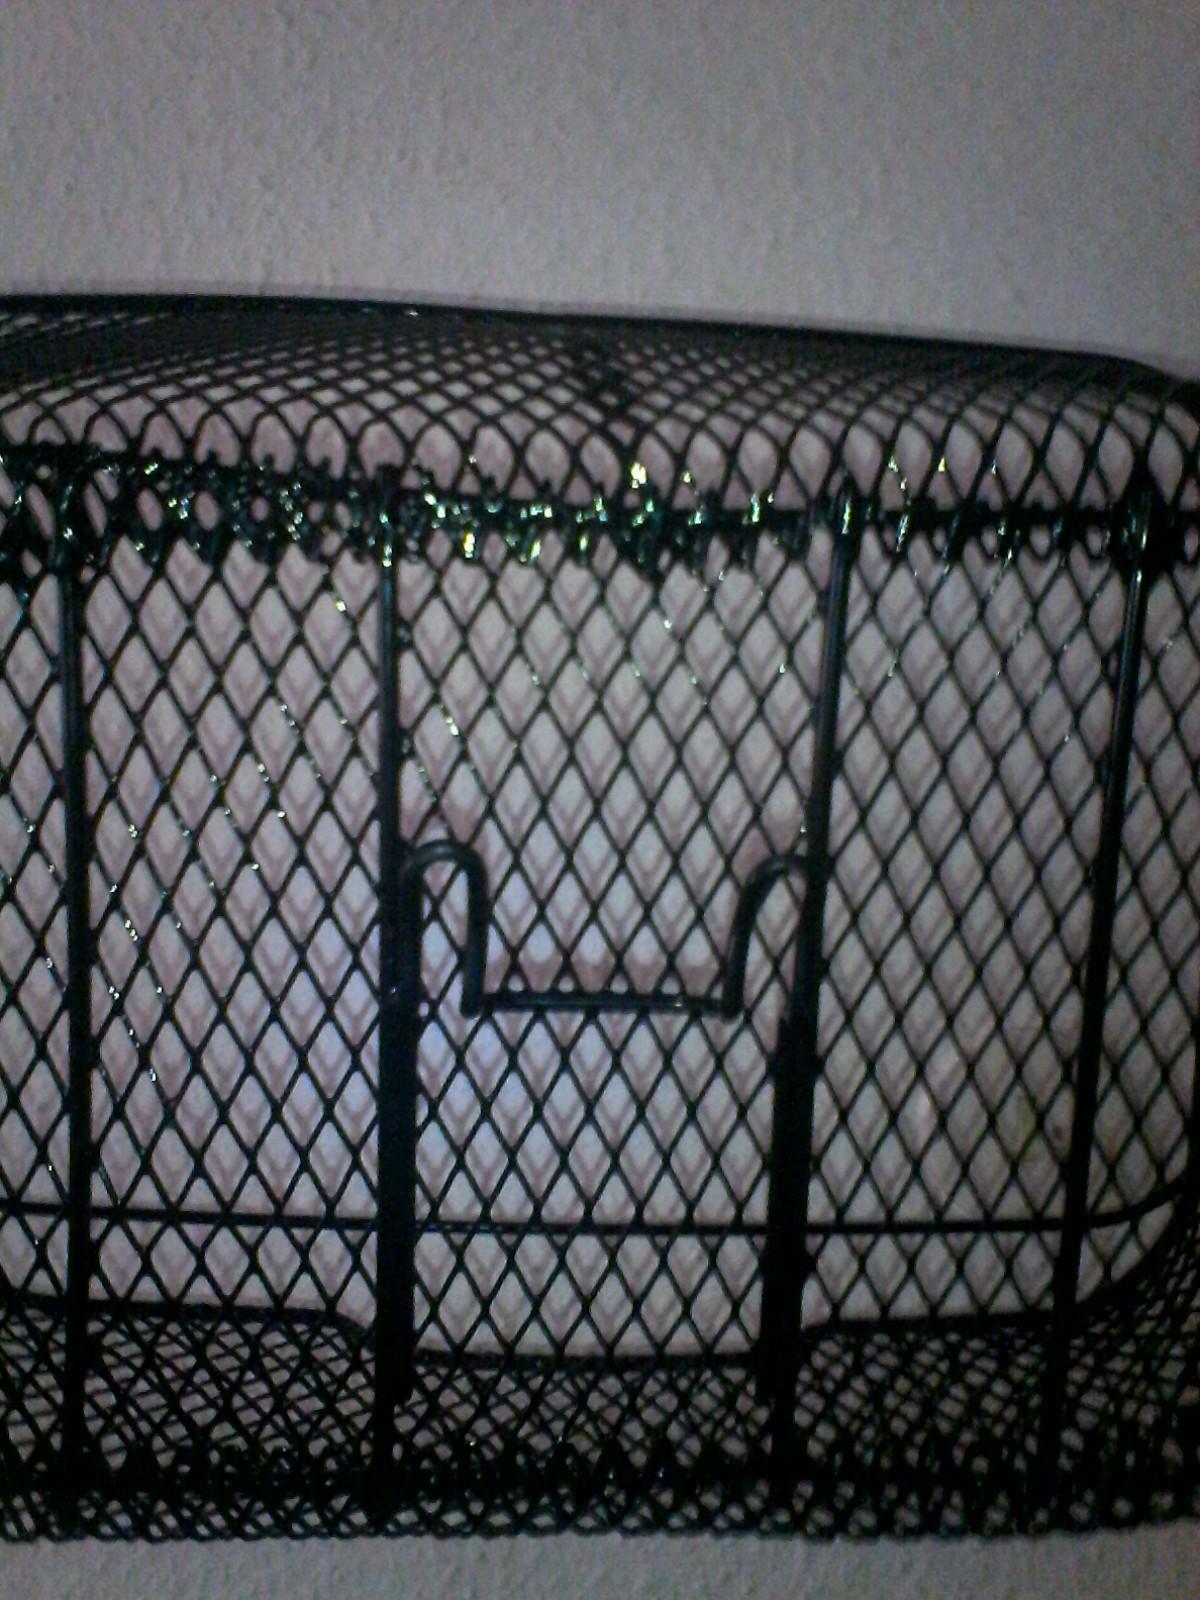 wie befestigt man einen losen fahrradkorb fest am. Black Bedroom Furniture Sets. Home Design Ideas